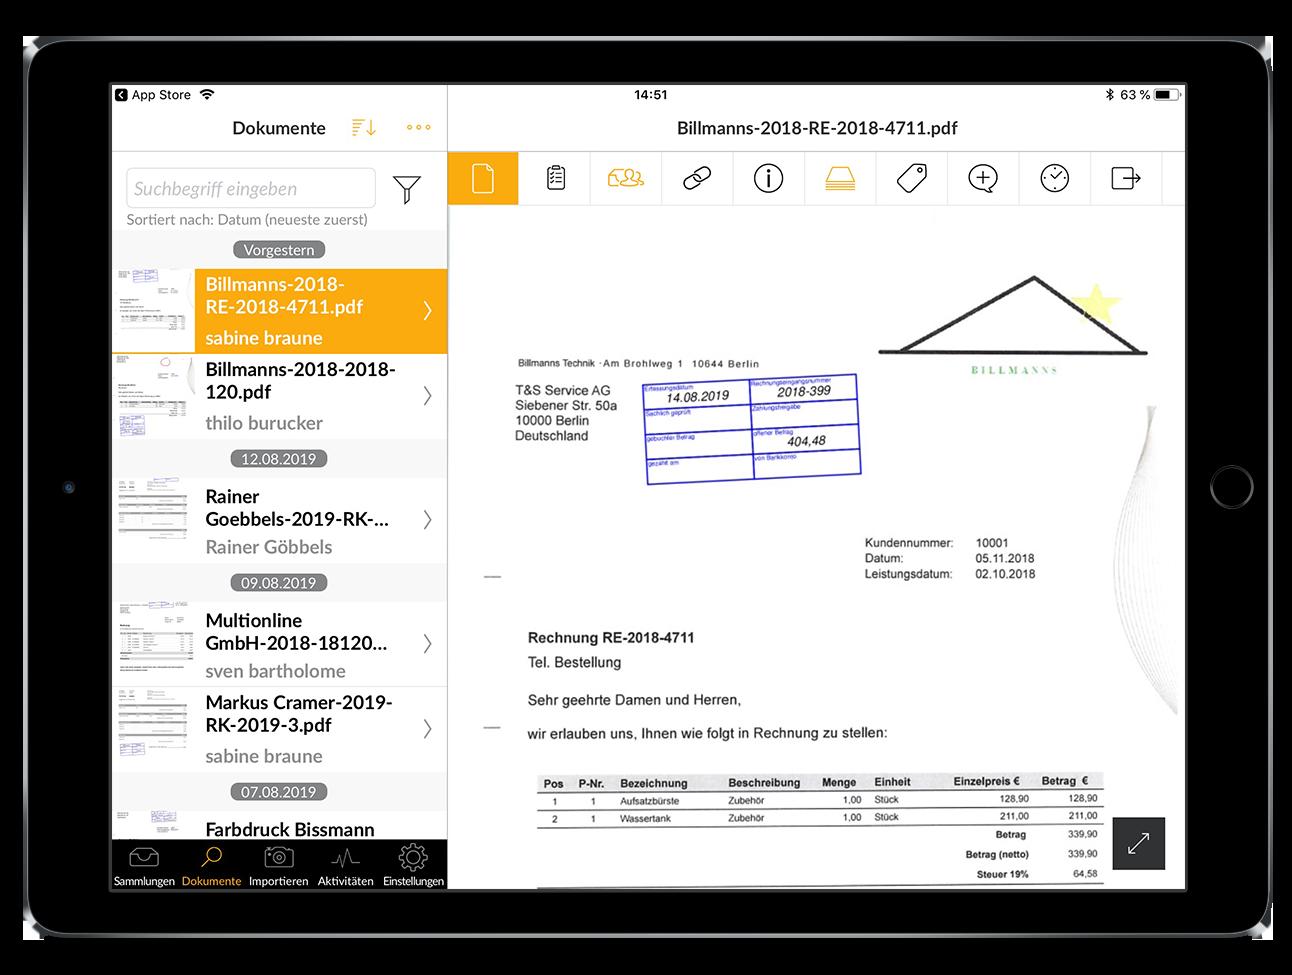 Nutzen Sie unsere Whitelabelling-Option, um CenterDevice an Ihr Corporate Design anzupassen